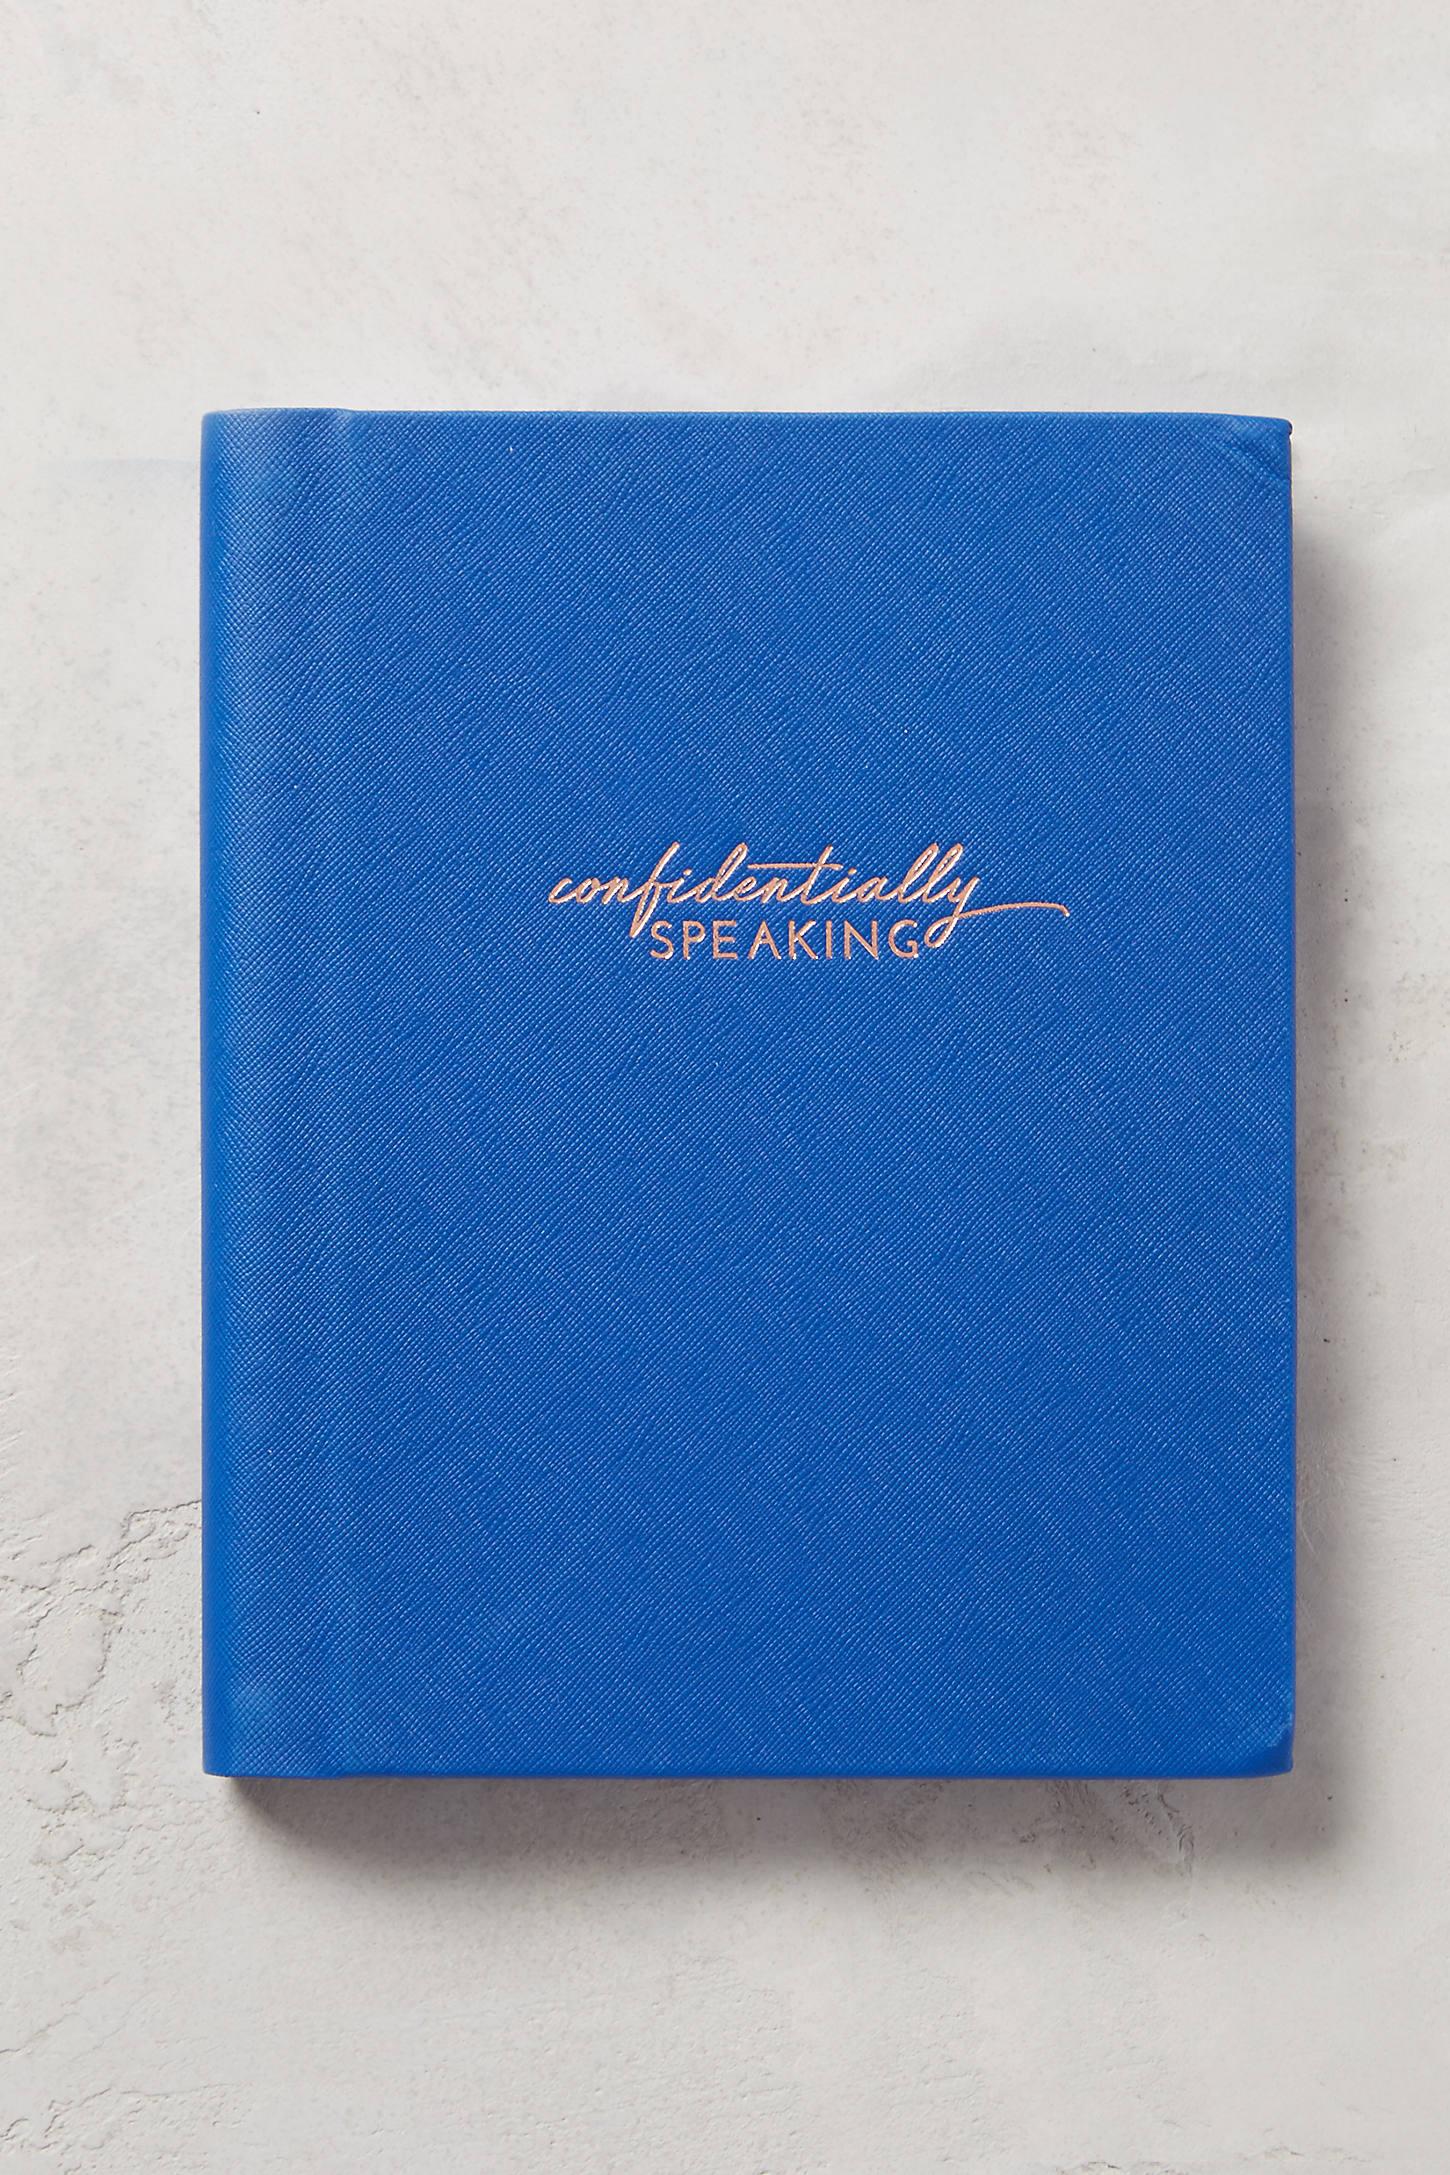 Saffiano Journal